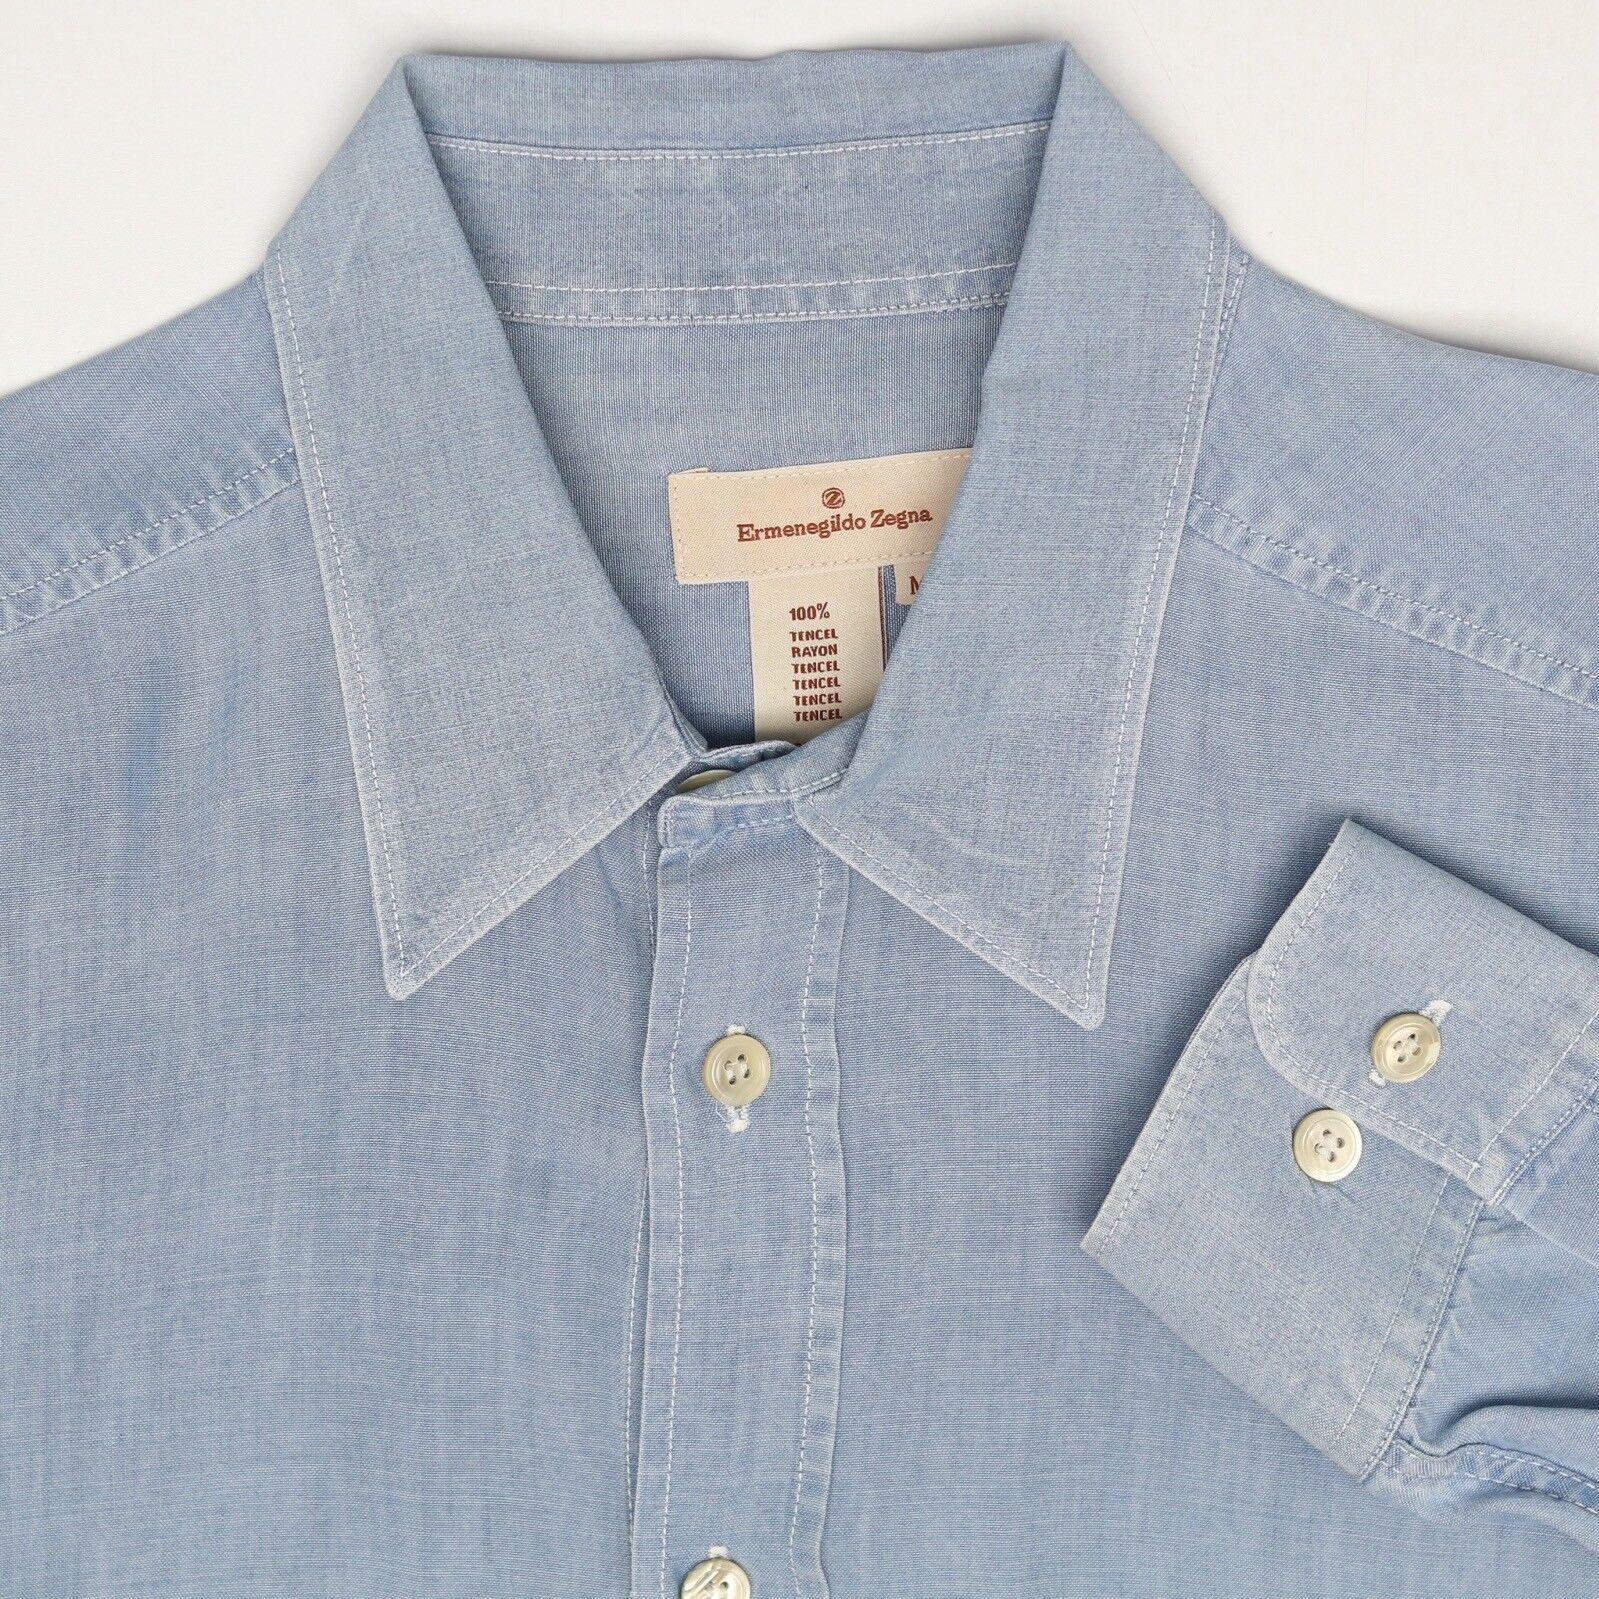 Ermenegildo Zegna Herren Shirt M Blau Viskose Geknöpft Tasche Langärmelig Kragen